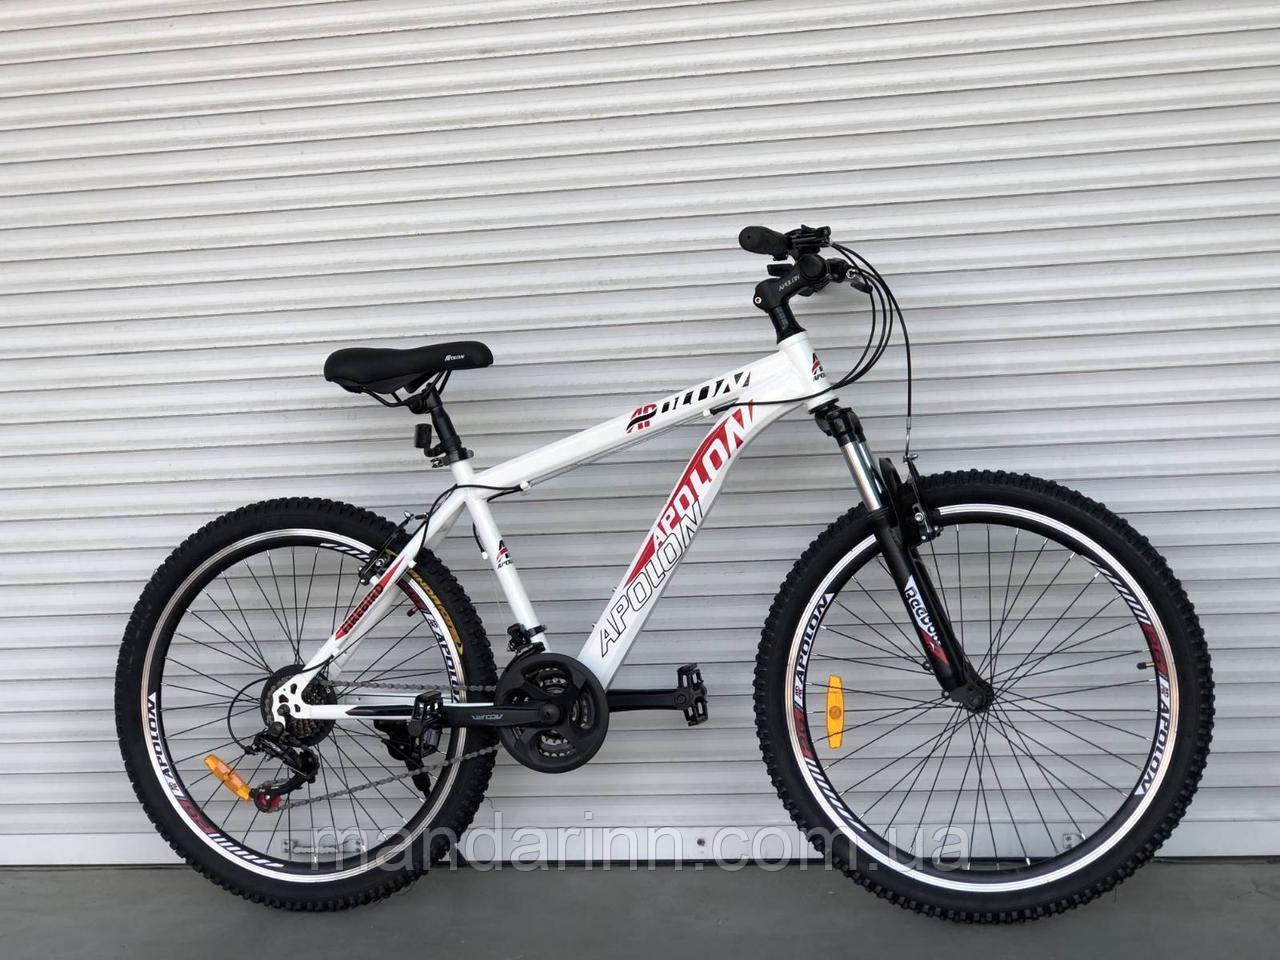 Спортивний велосипед TopRider-915 26 дюймів. Дискові гальма. Біло-червоний.